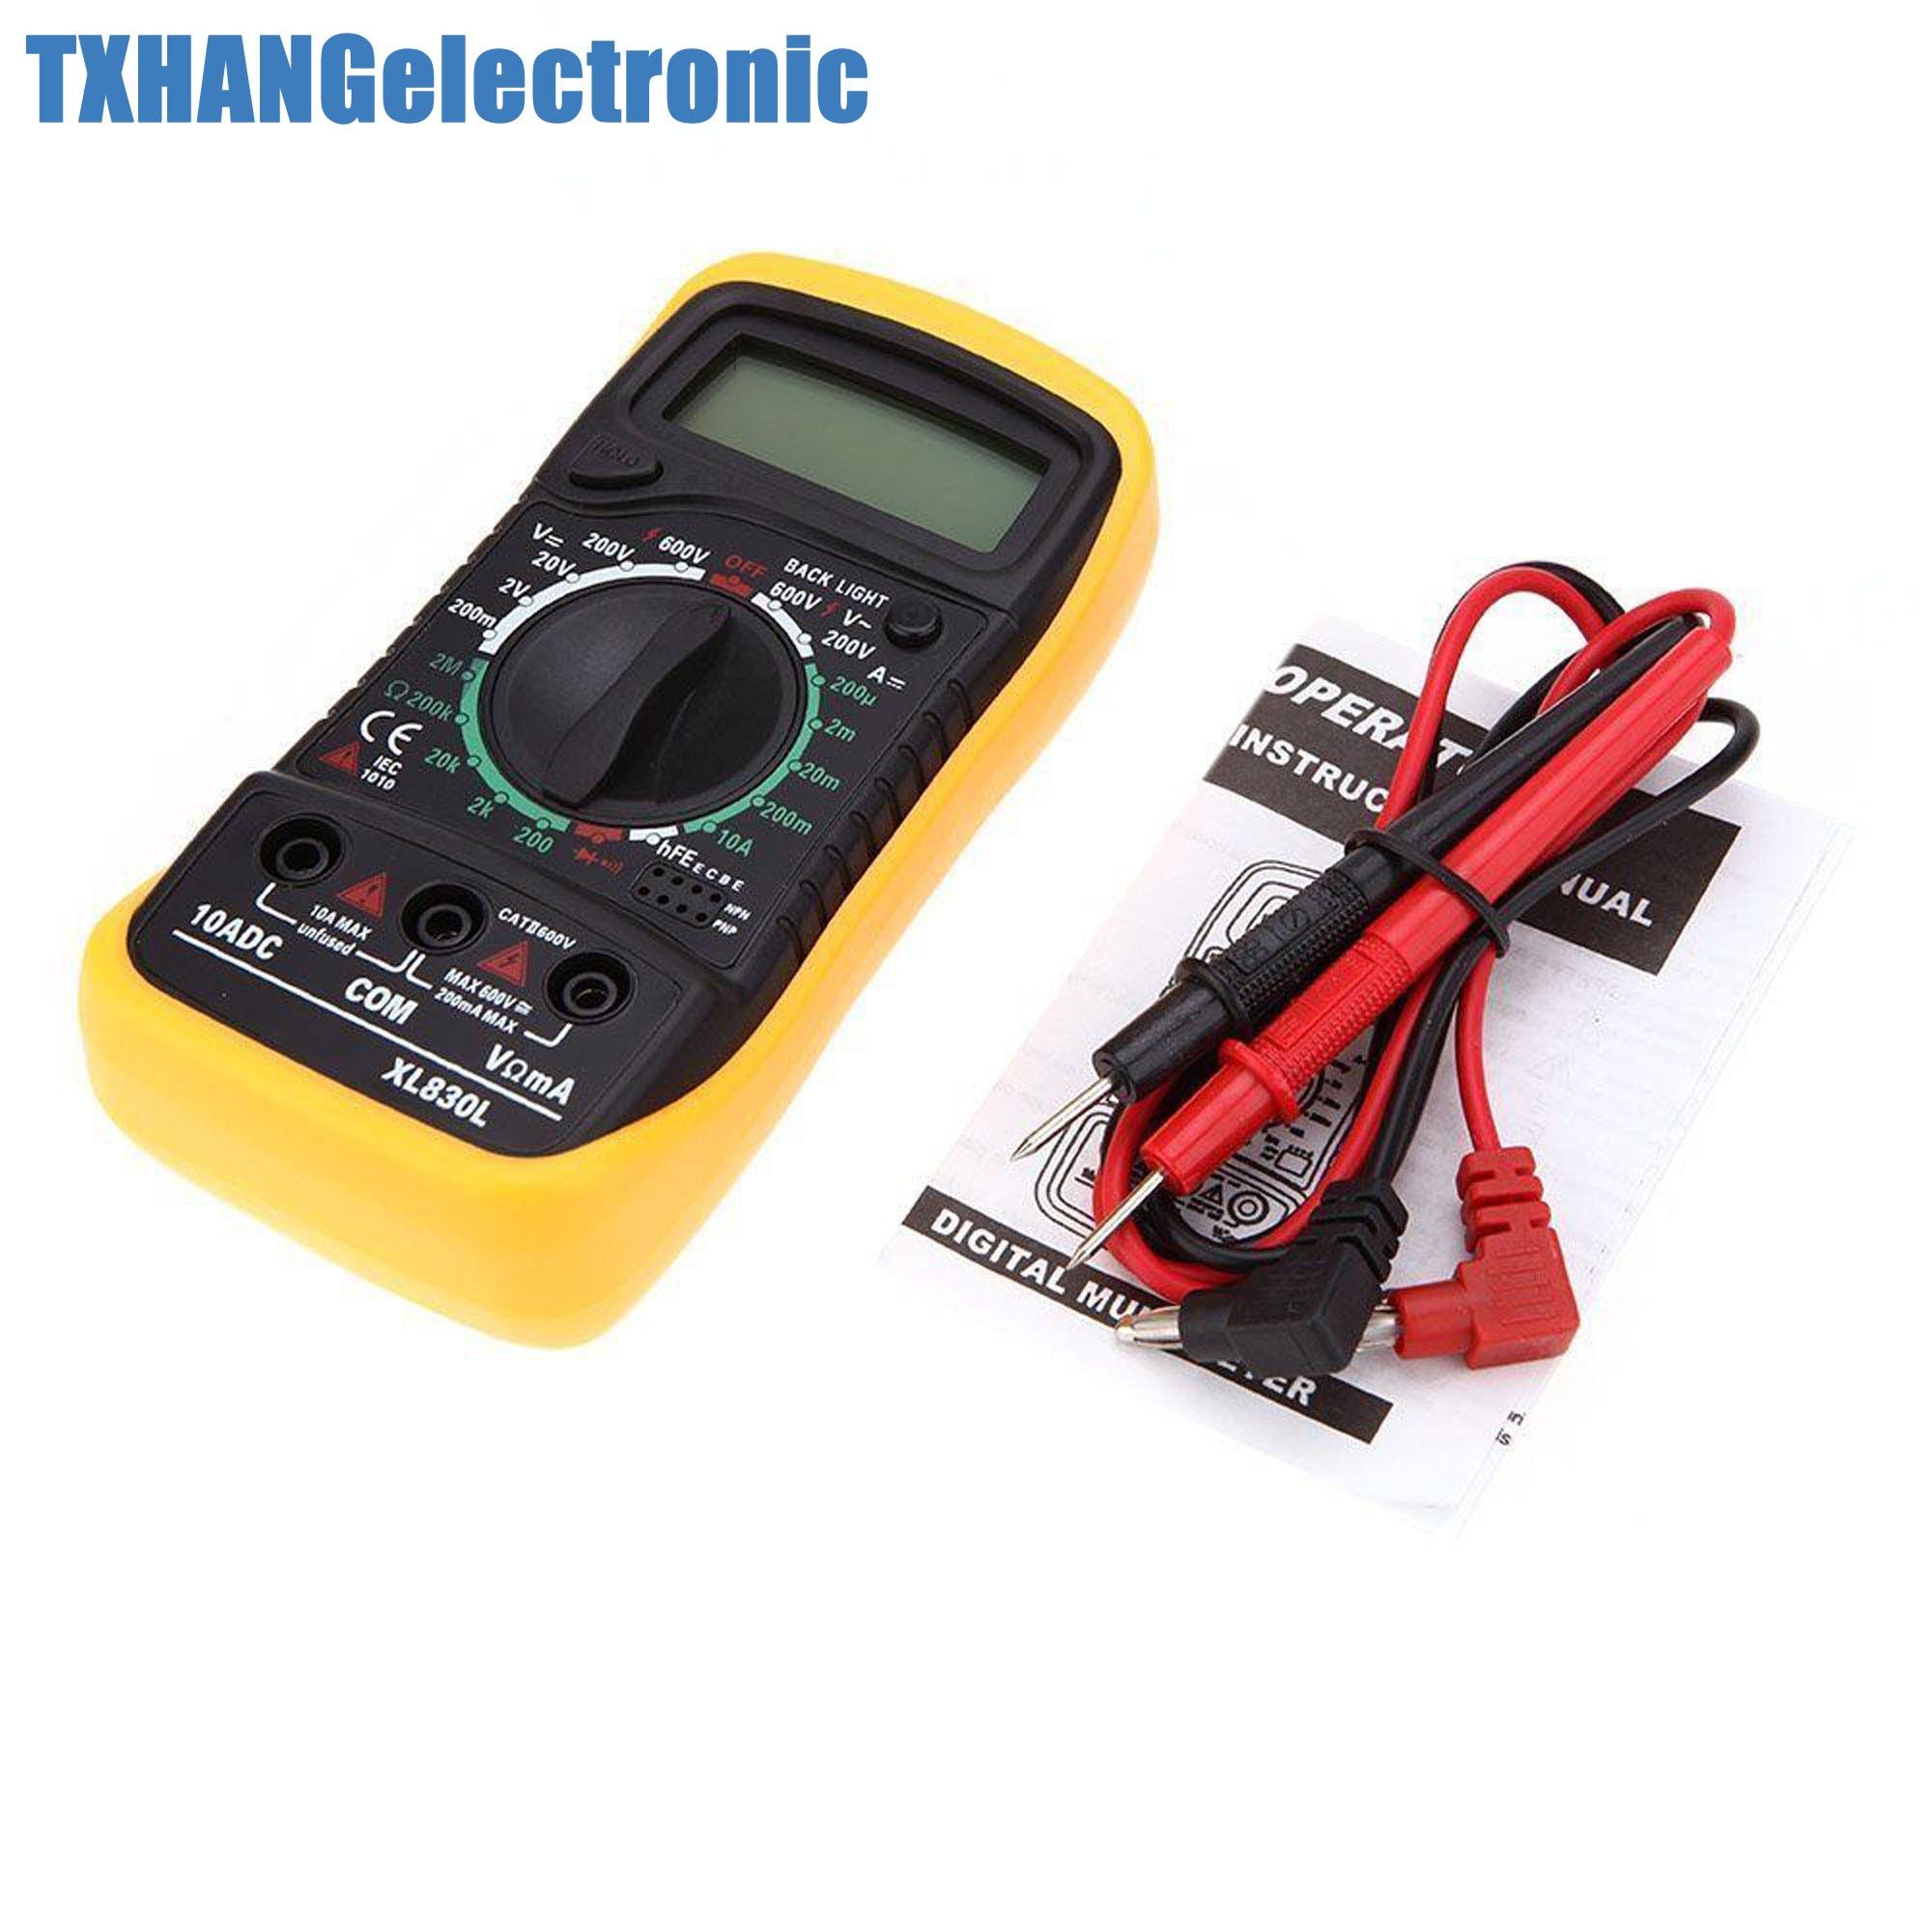 Digitale XL-830L LCD Multimeter Voltmeter Amperemeter Ohmmeter OHM VOLT Tester